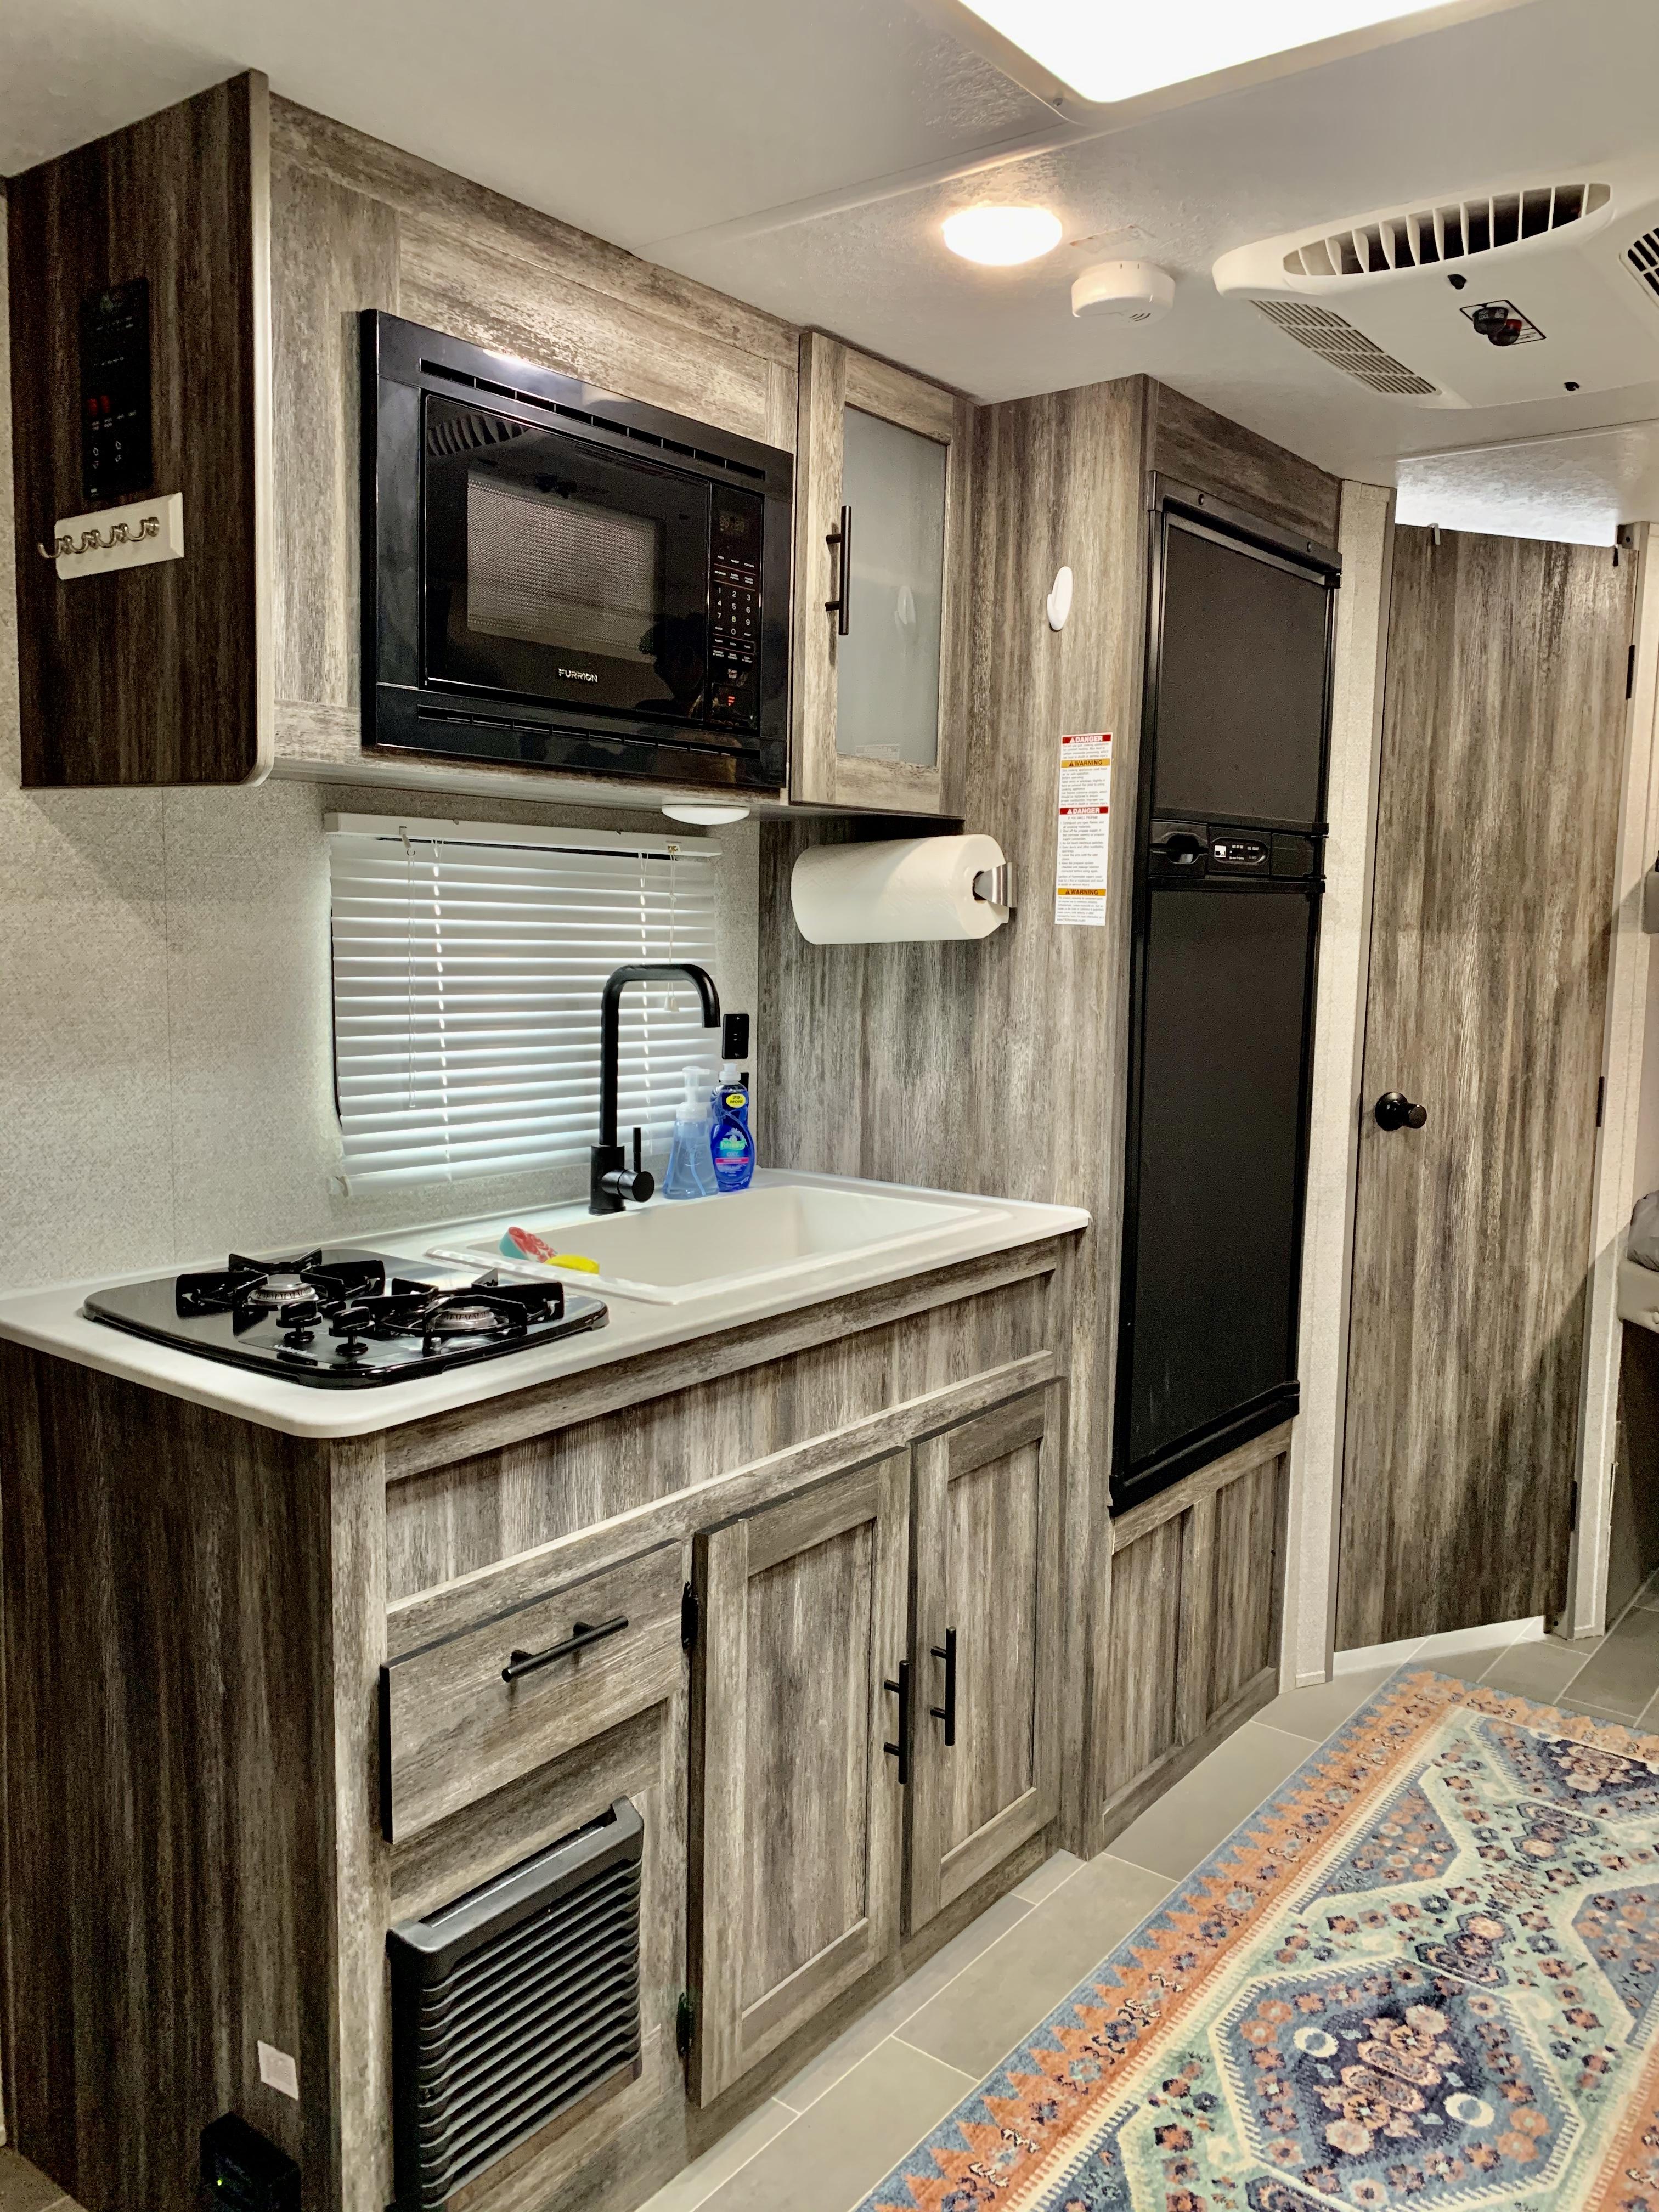 Modern kitchen, sink, refrigerator,2 burner stove, microwave. Forest River Salem 2020